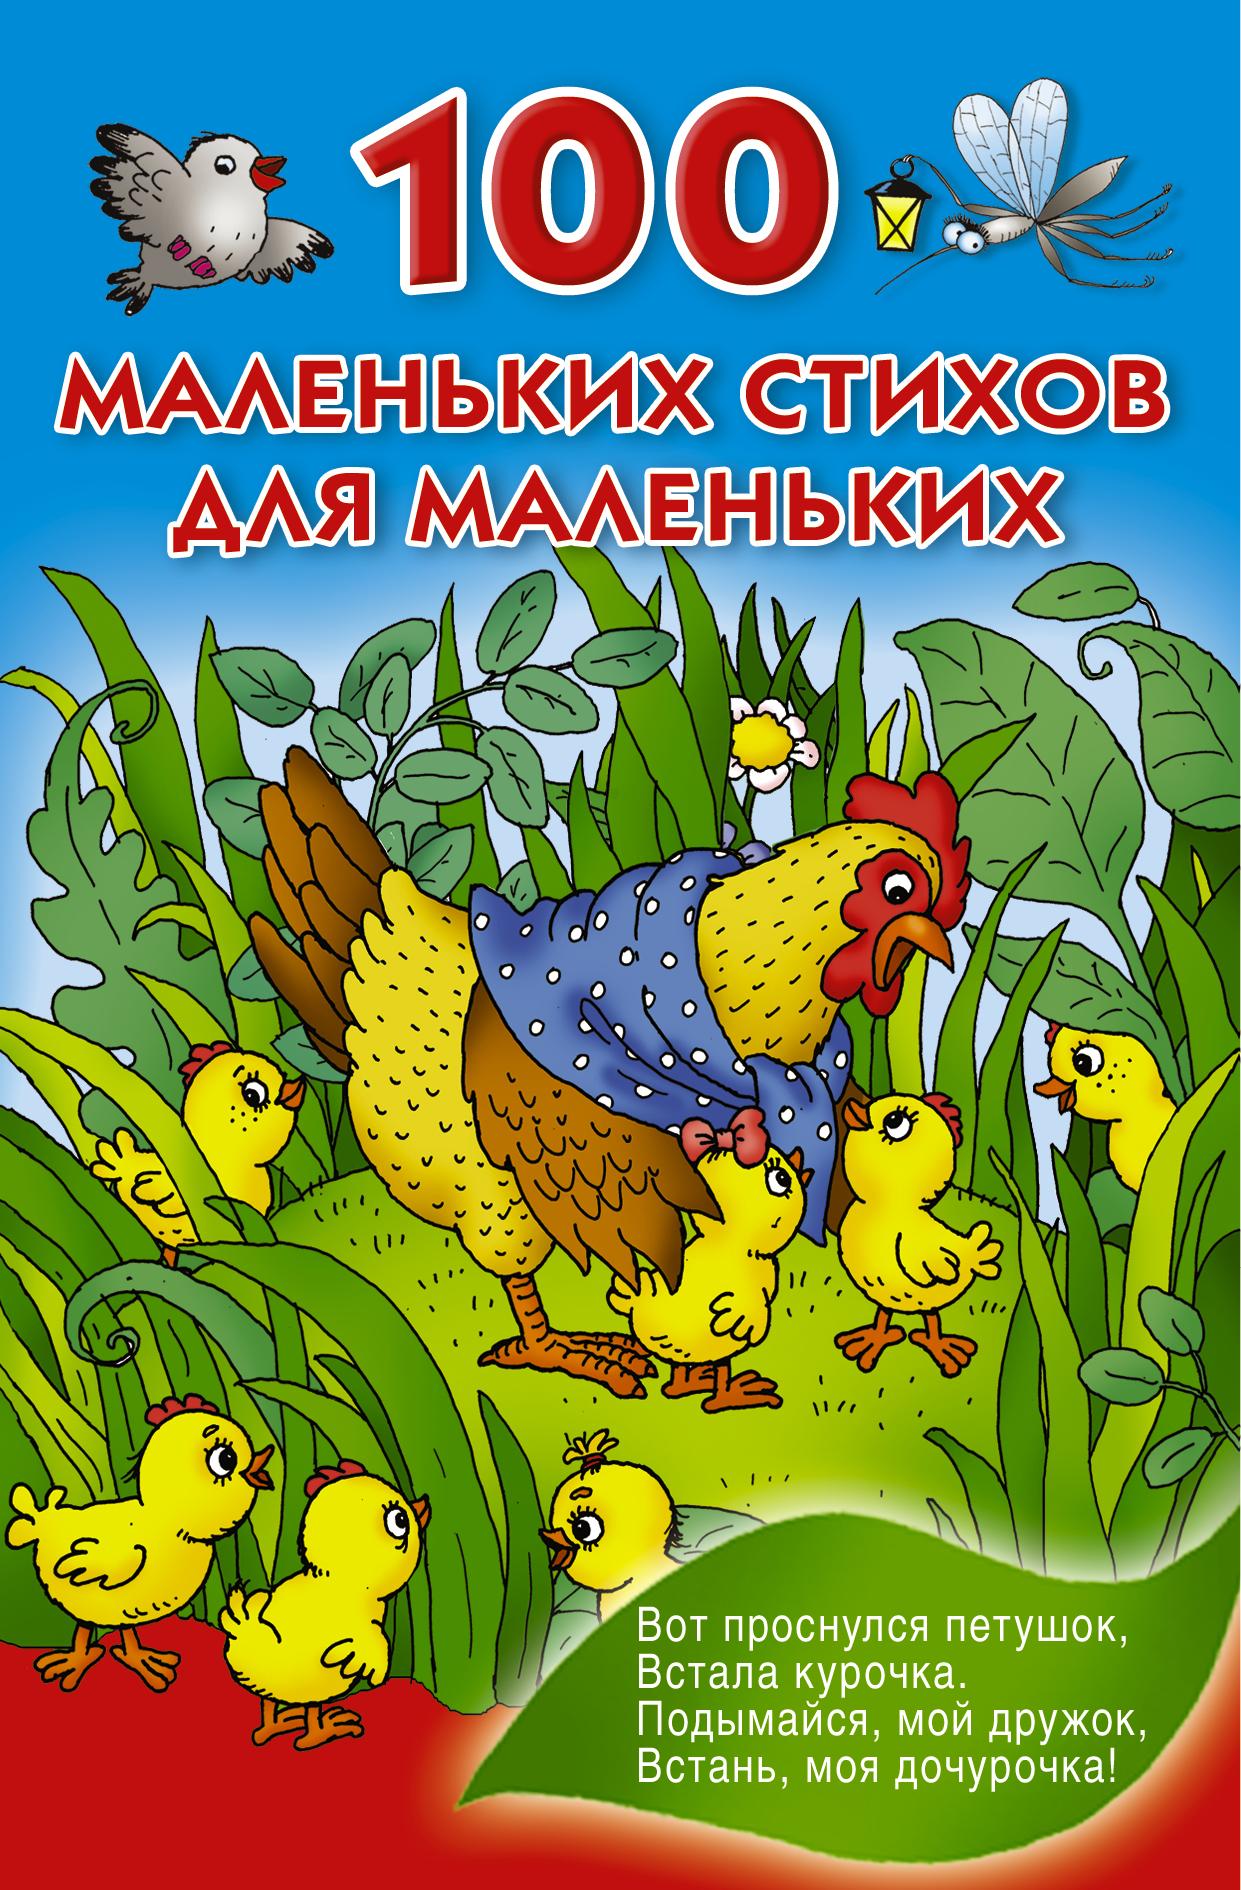 Прикольные, детские стихи с картинками для самых маленьких